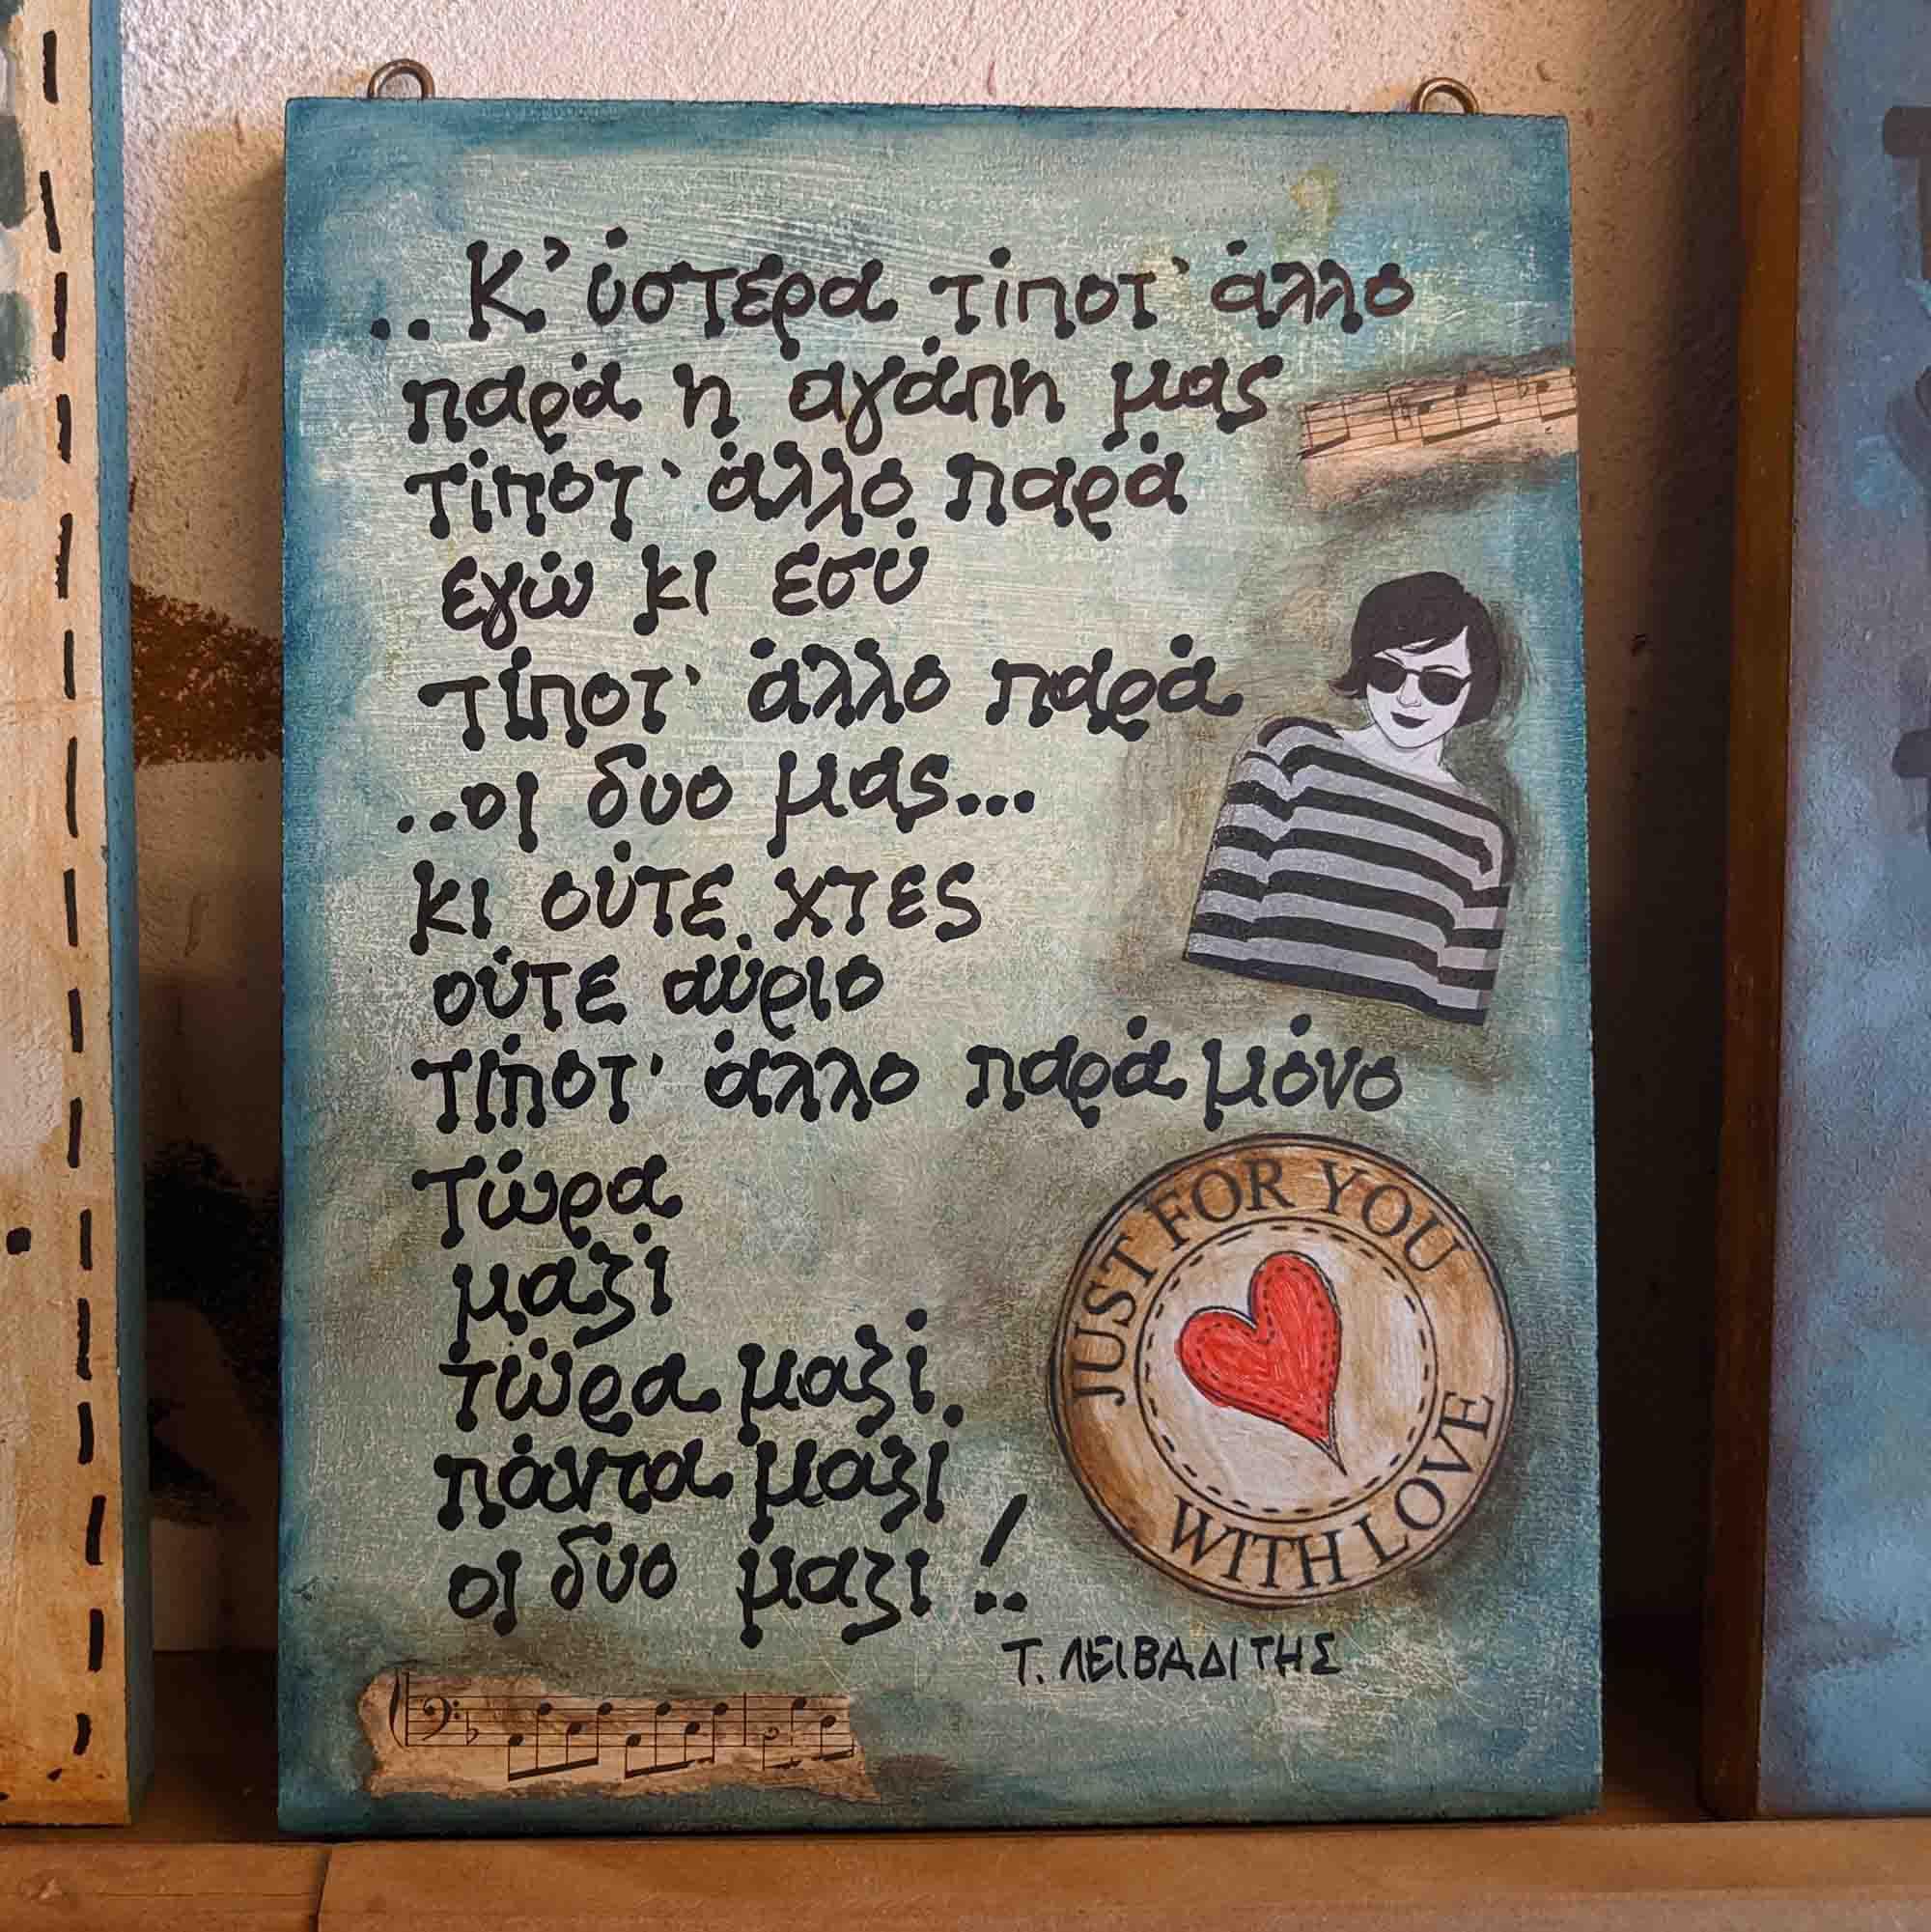 Ξύλινος πίνακας, Κ' ύστερα τίποτ΄ άλλο παρά η αγάπη μας…